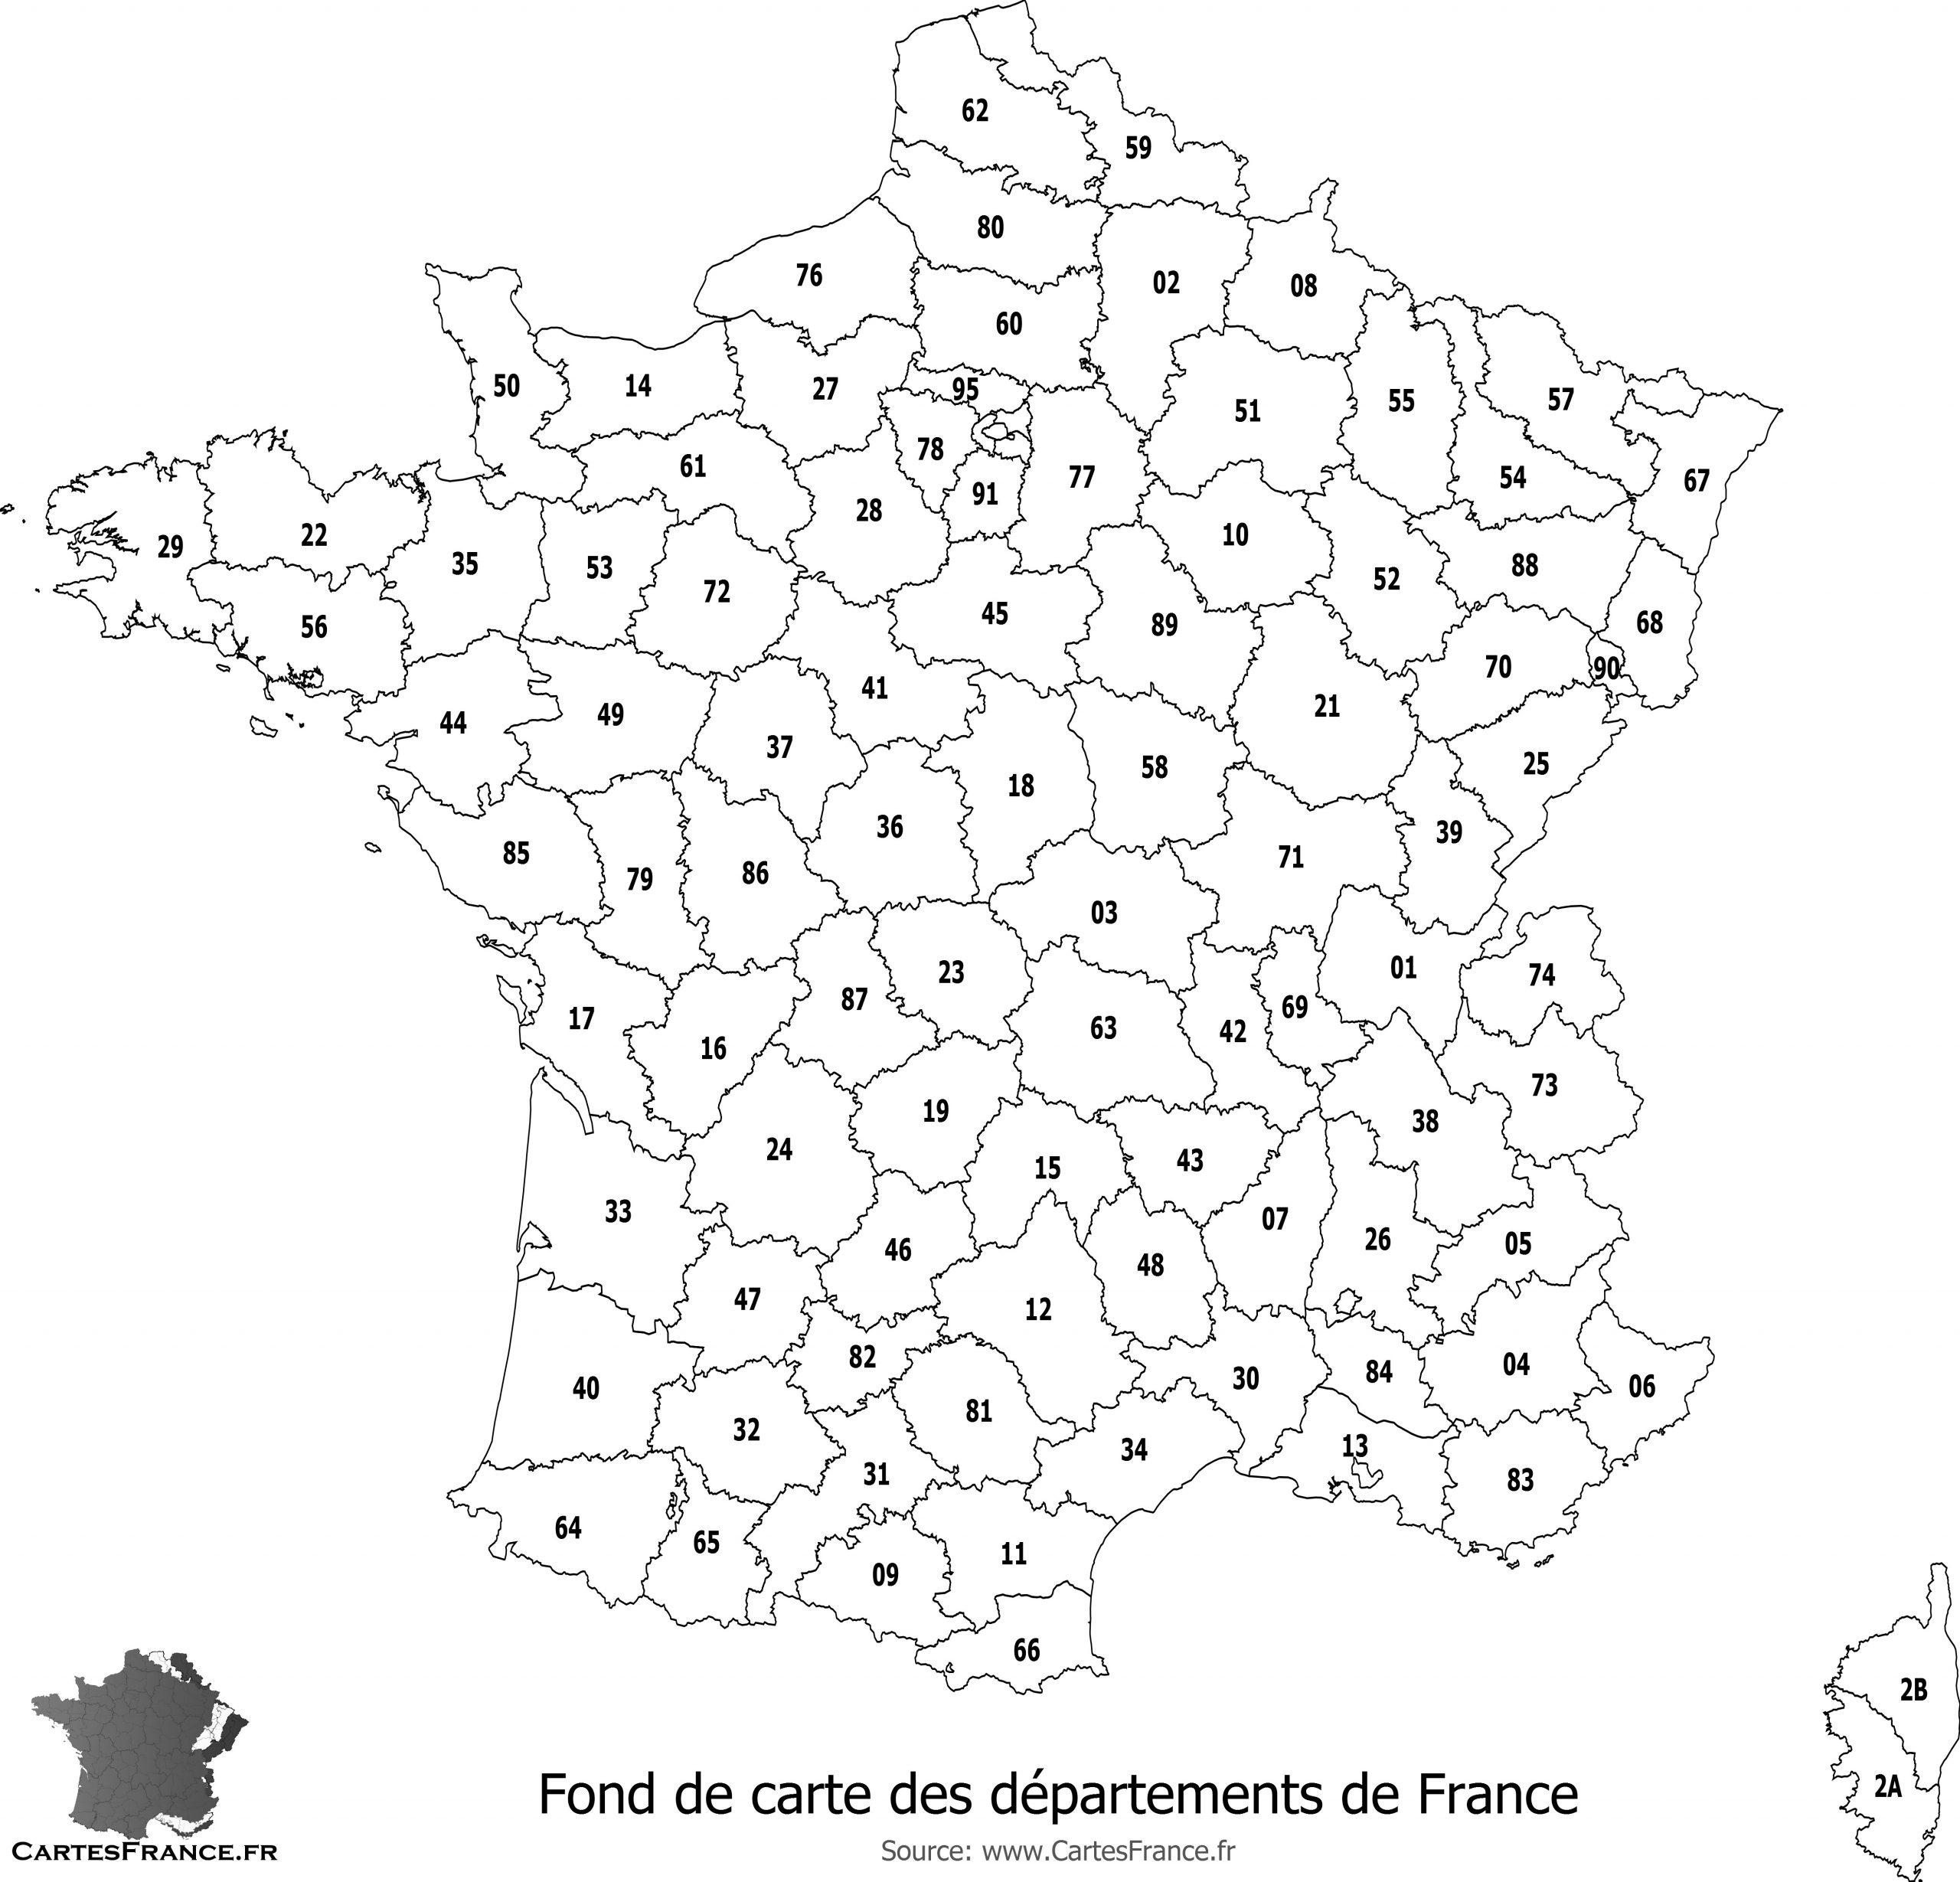 Fond De Carte Des Départements De France tout Numero Des Departements Francais